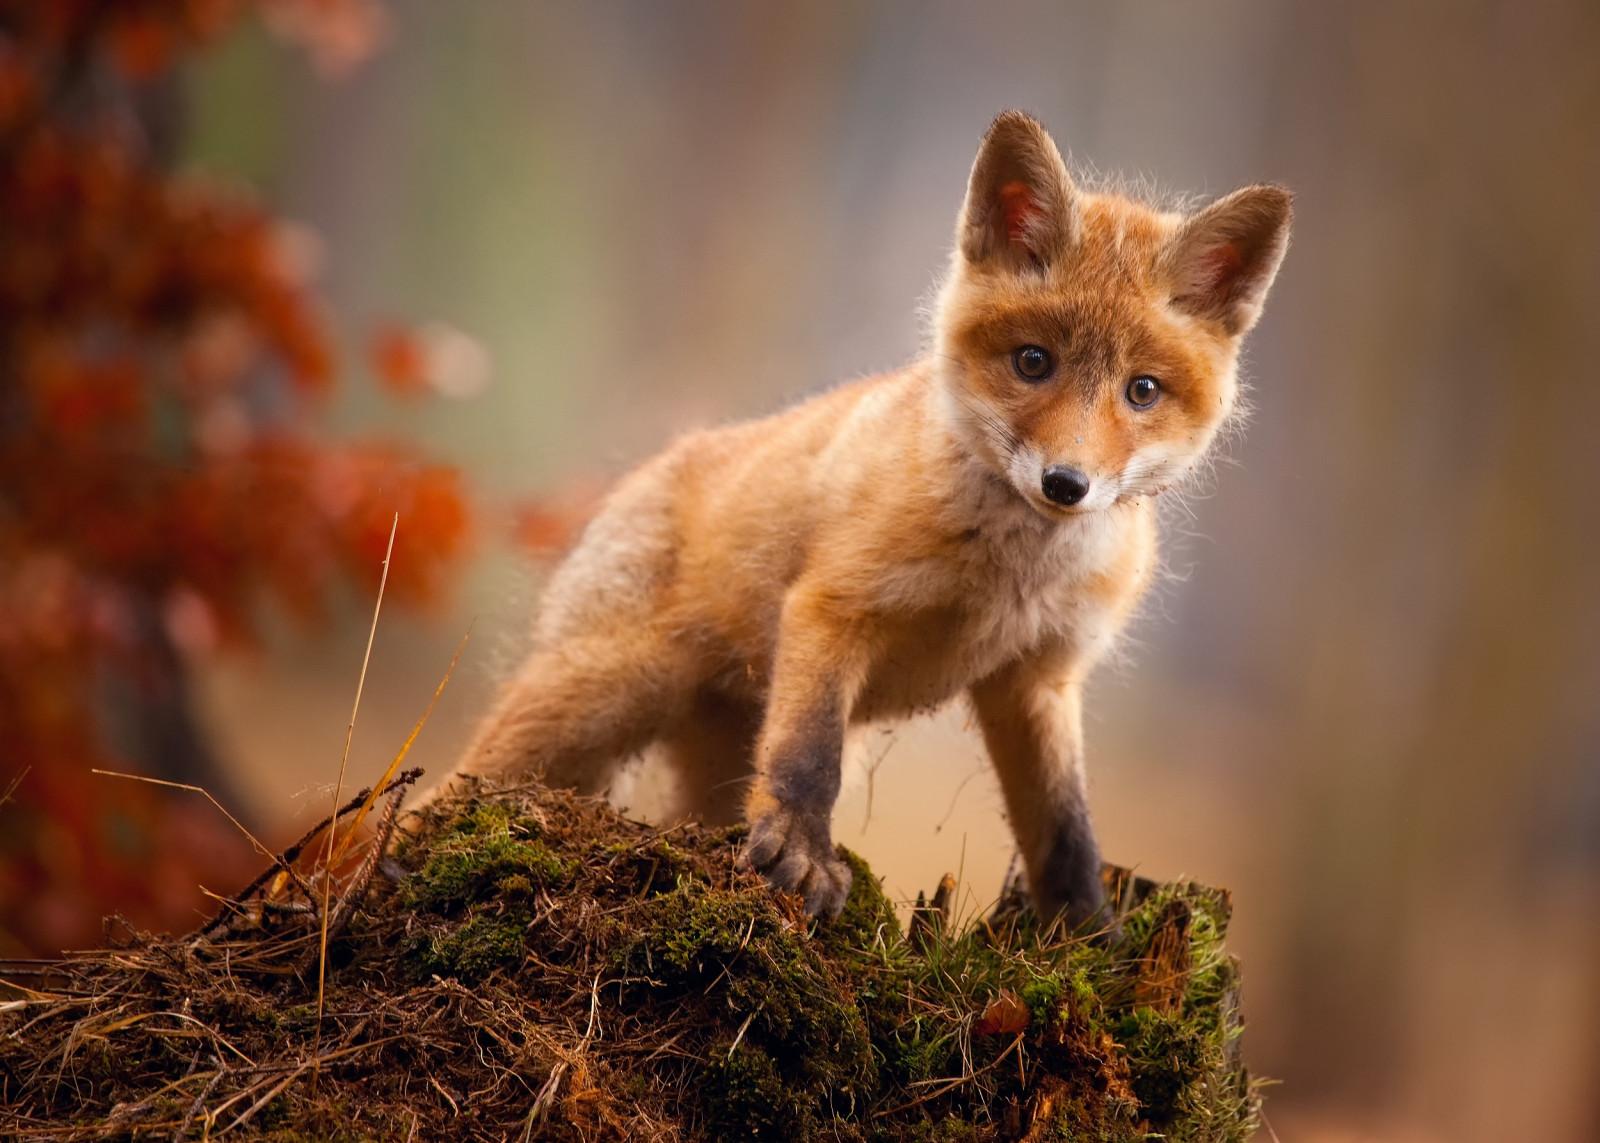 Hintergrundbilder : Tiere, Fuchs 2500x1786